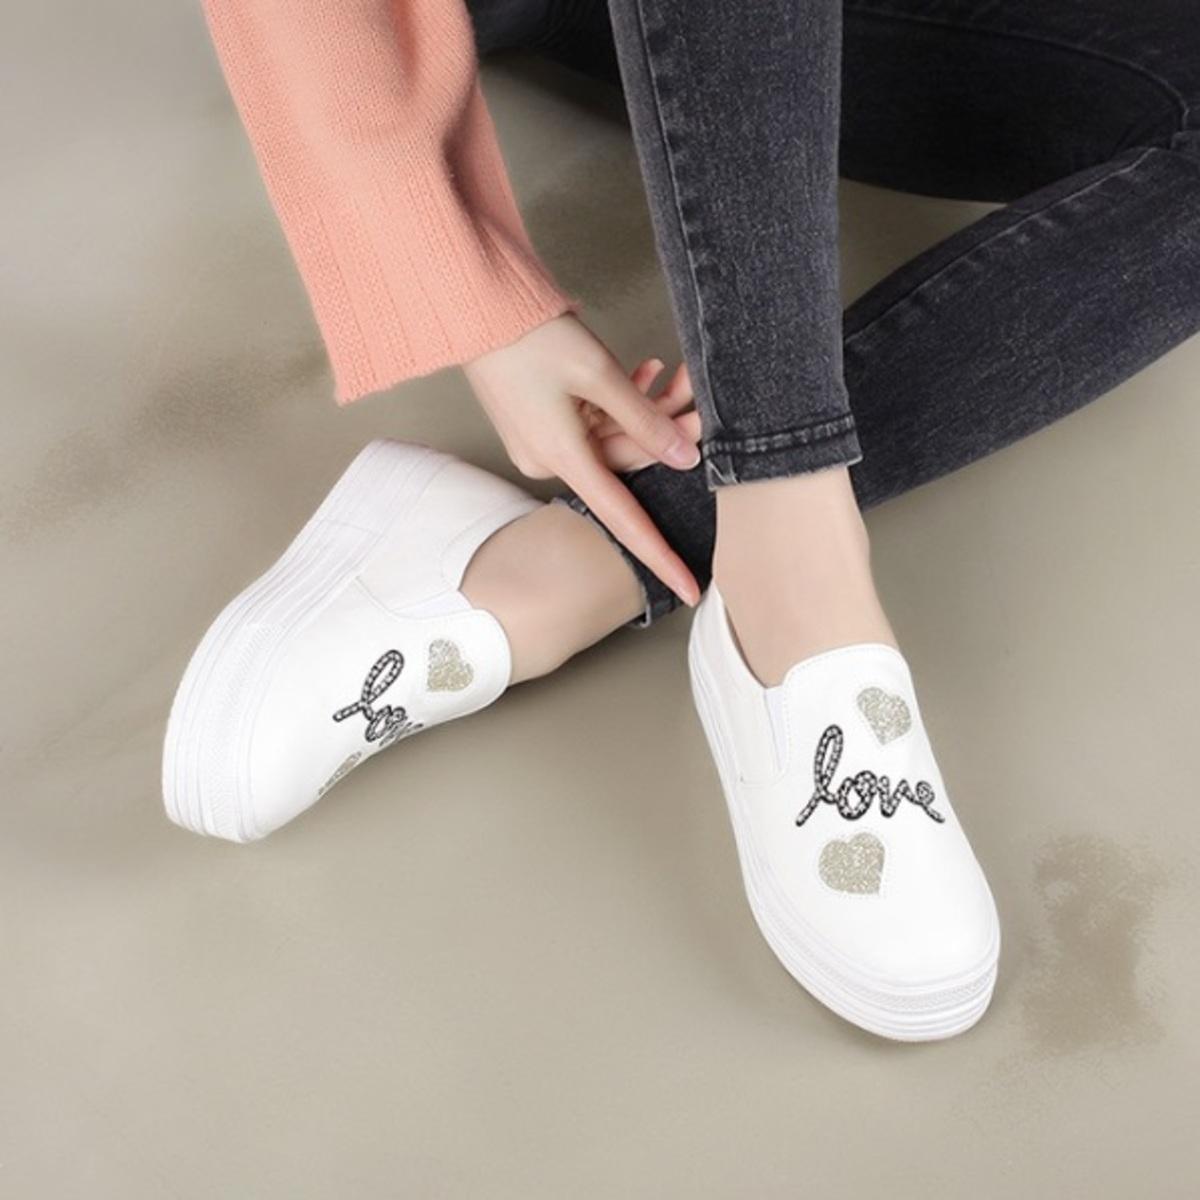 KR-Love Slip-ons